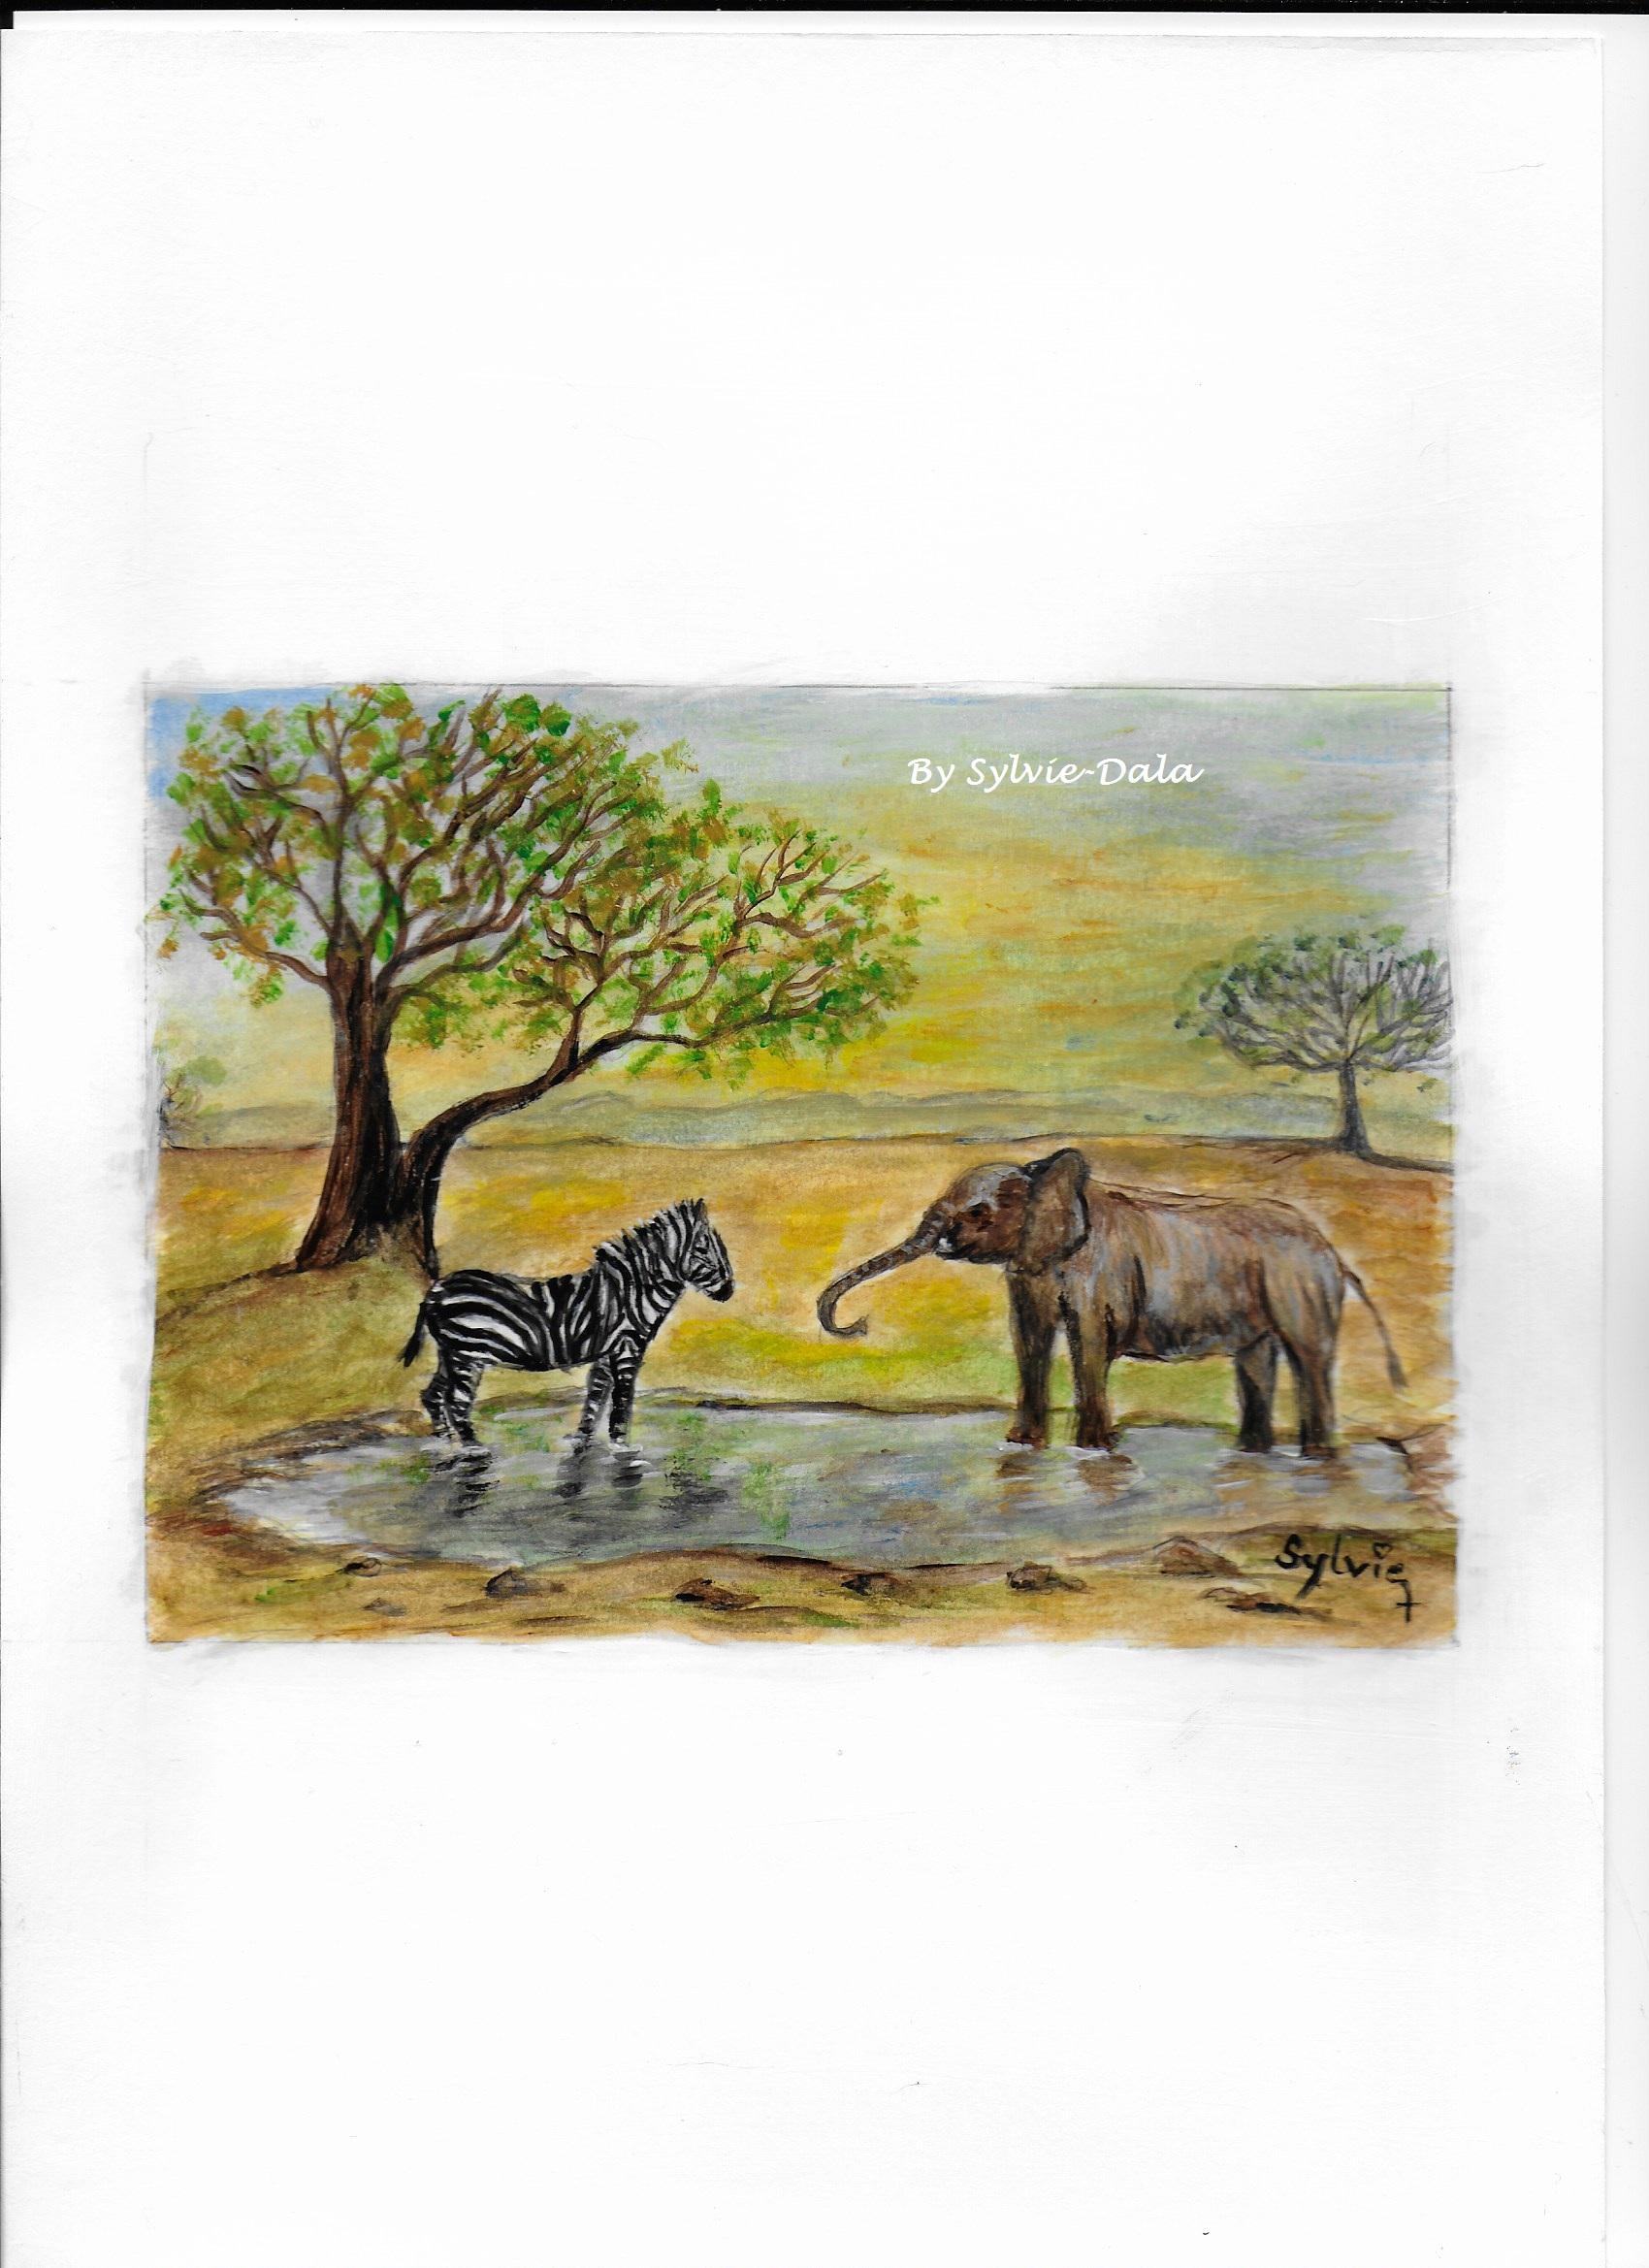 Le zèbre et l'éléphant